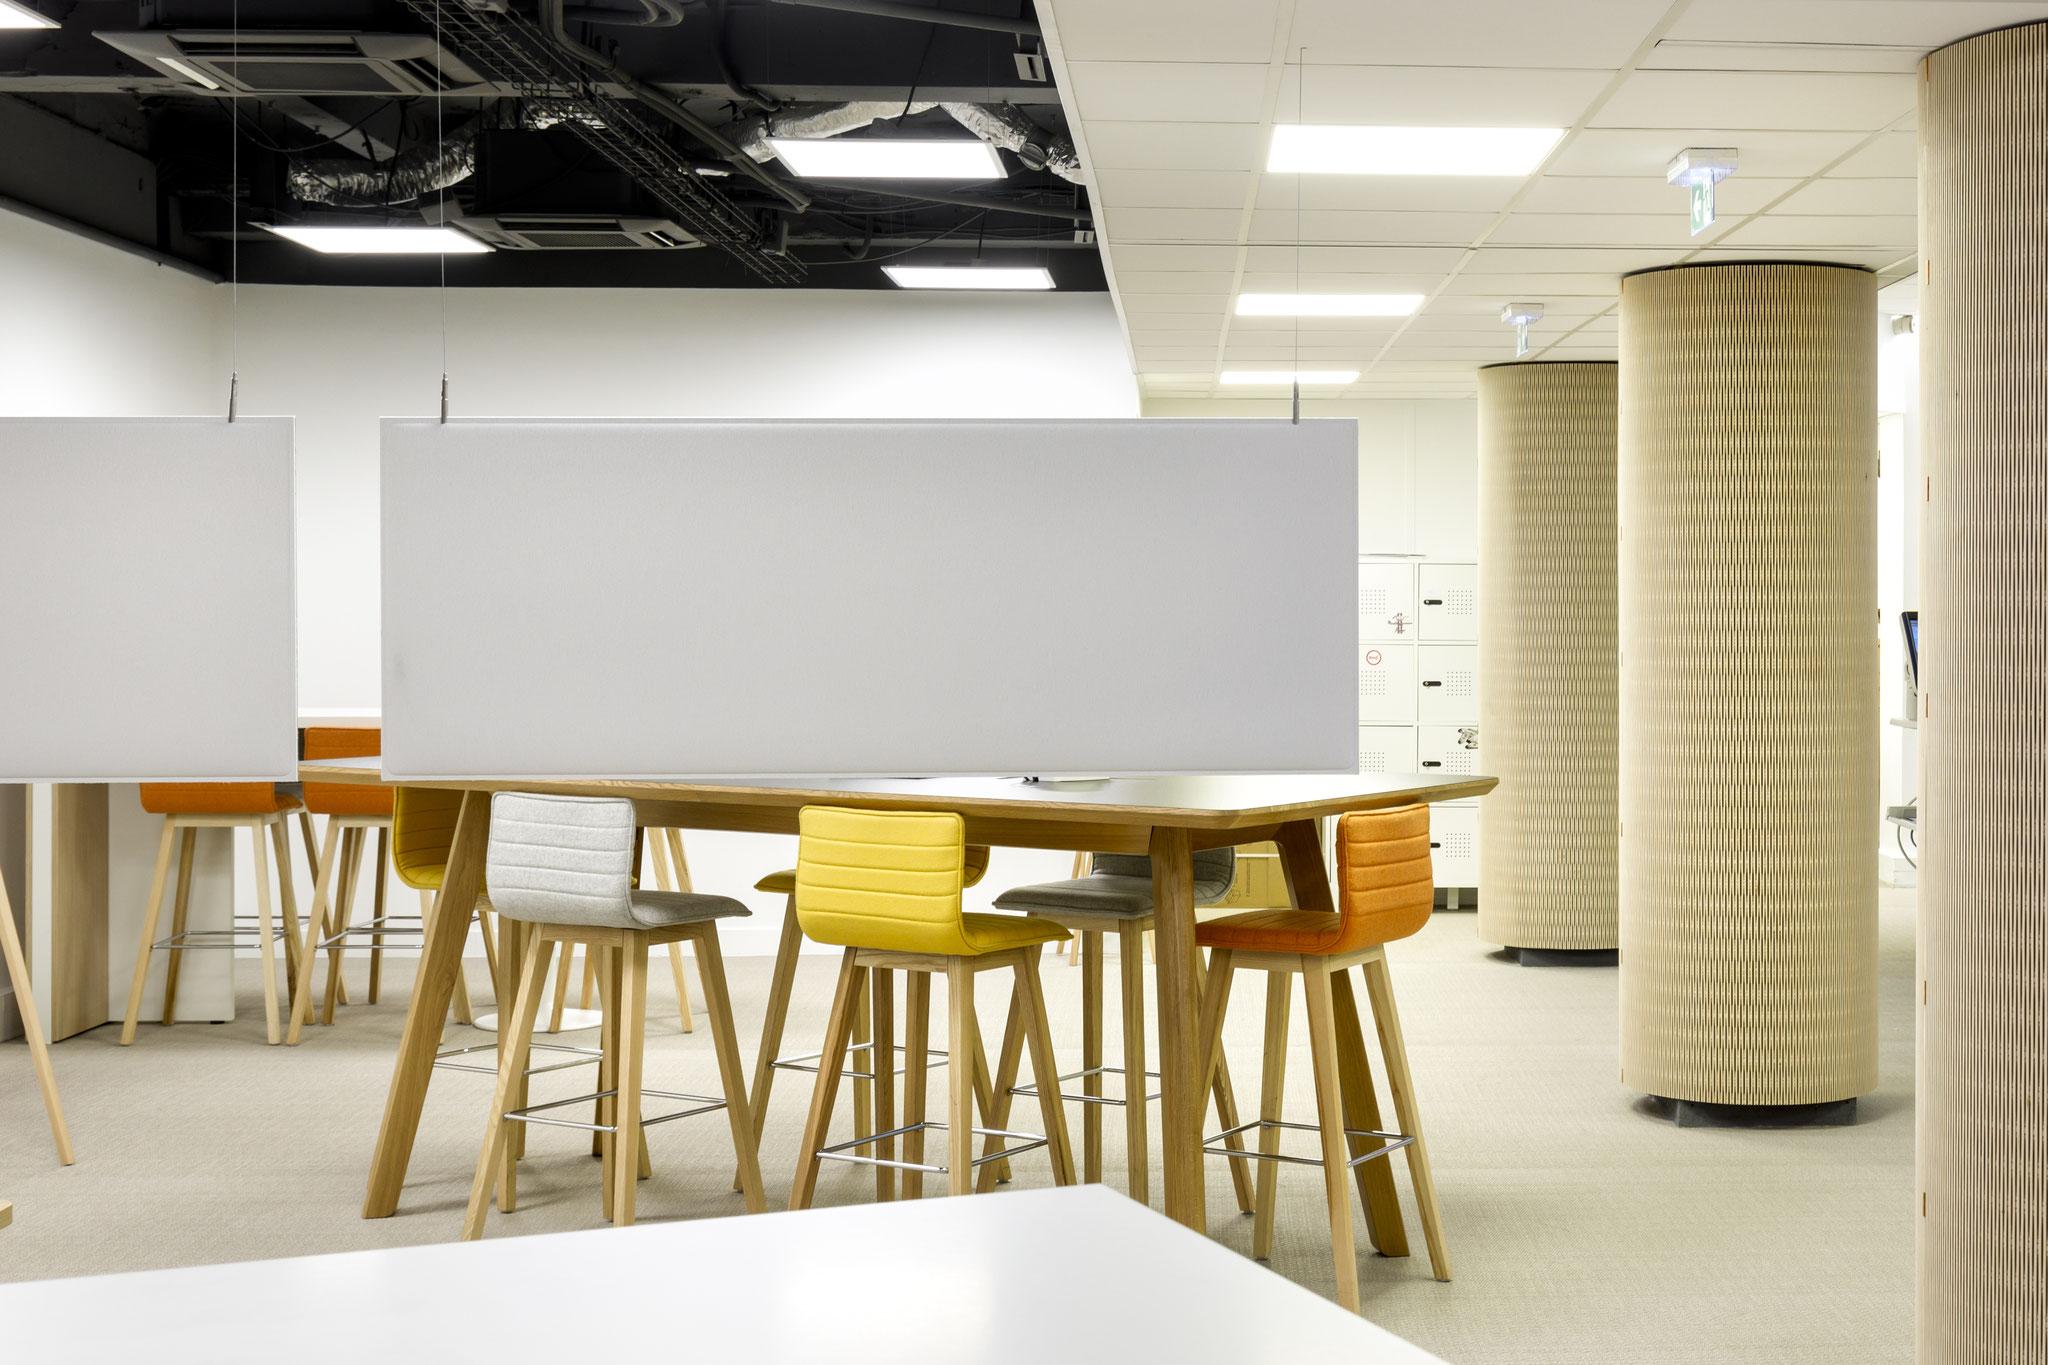 le panneau acoustique permet de créer de l'intimité et concentration dans un espace ouvert de travail